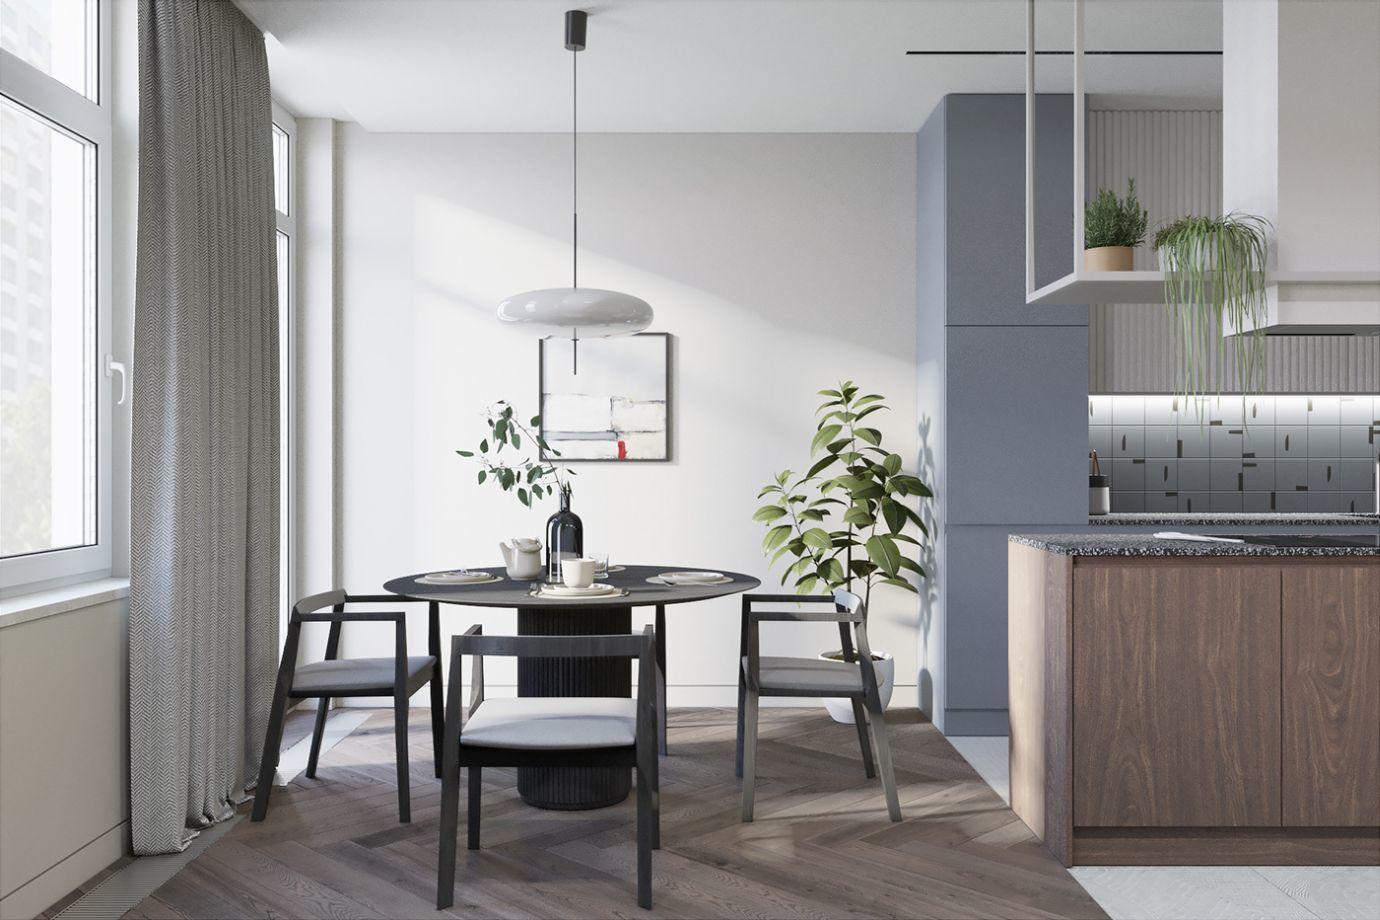 Háromszemélyes étkező design székekkel